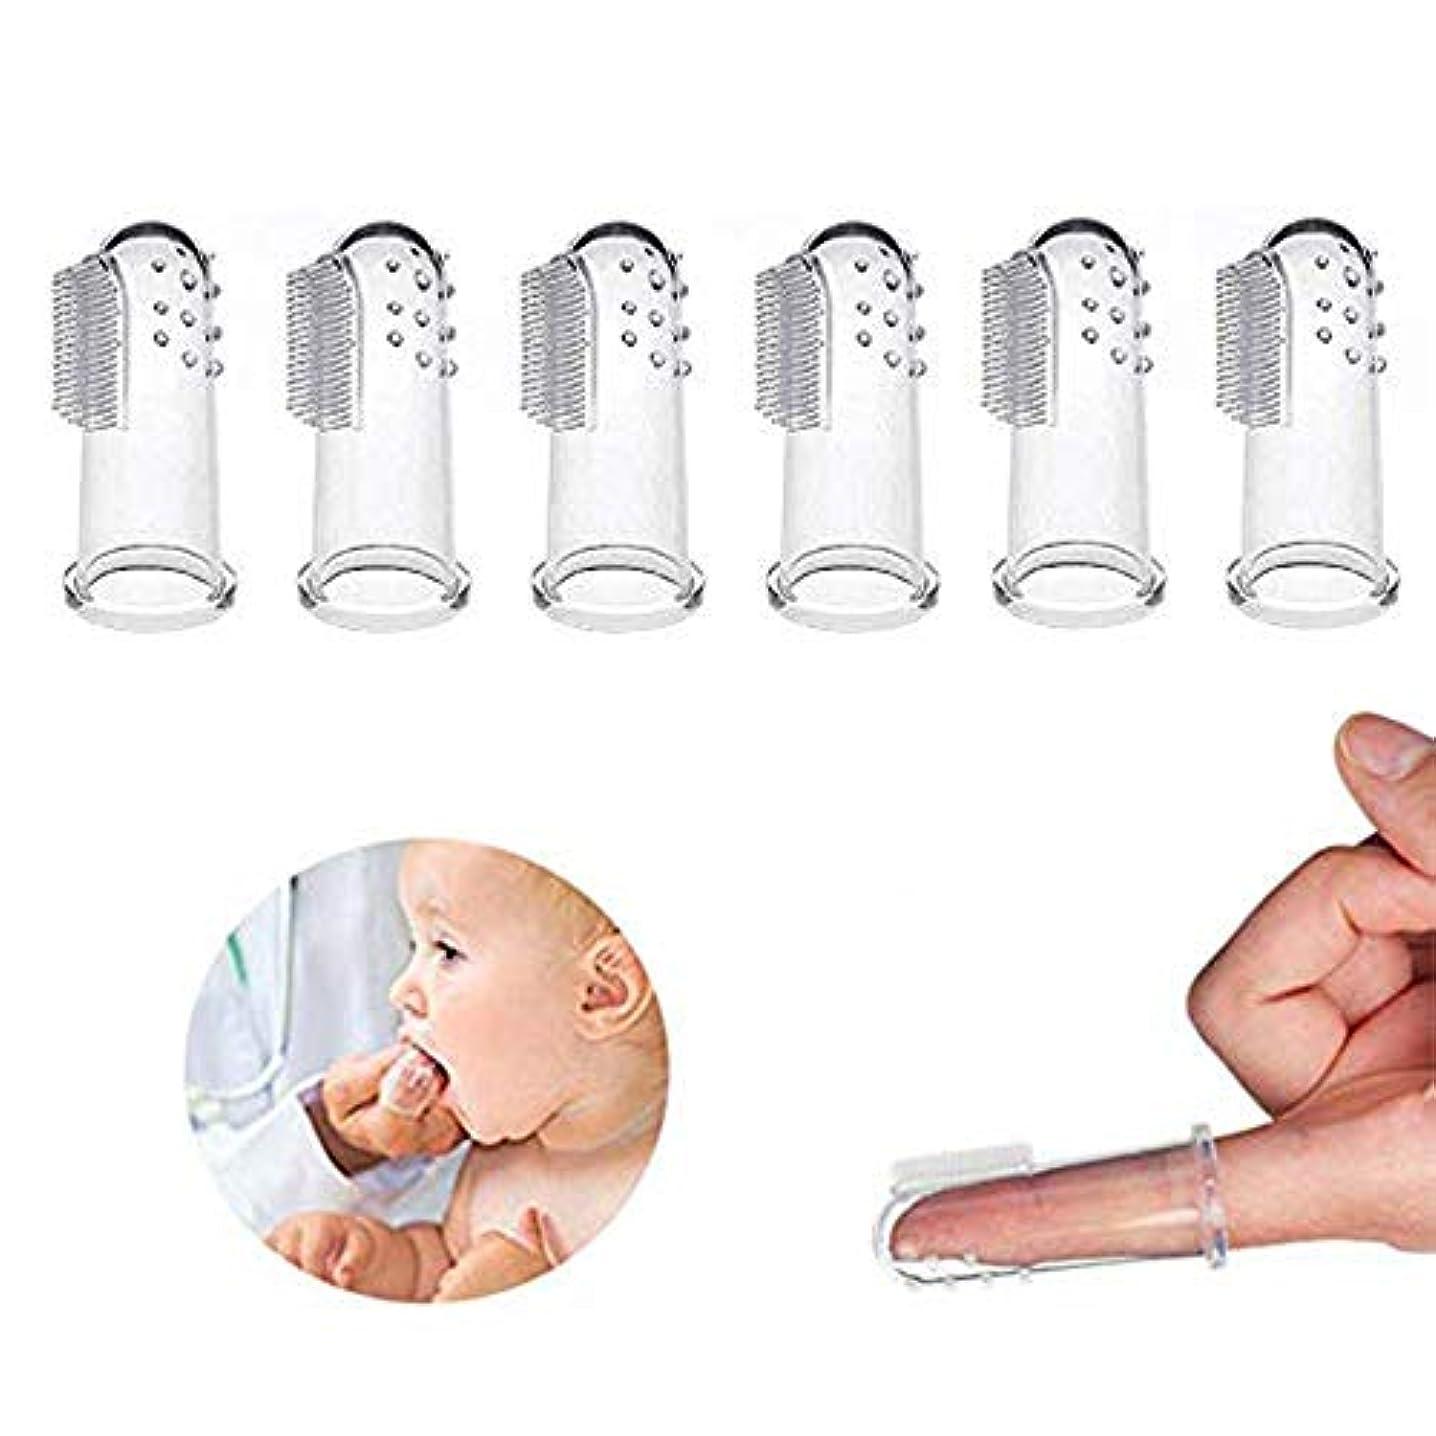 ラバスペクトラムハードリング幼児歯ブラシ ベビー指歯ブラシ 指歯ブラシ 乳歯清潔 口腔ケア ケース付き ベビーフィンガーブラ 乳児幼児子供用シリコーンソフトオーラルマッサージャージェントルケア 6本セット (ホワイト)